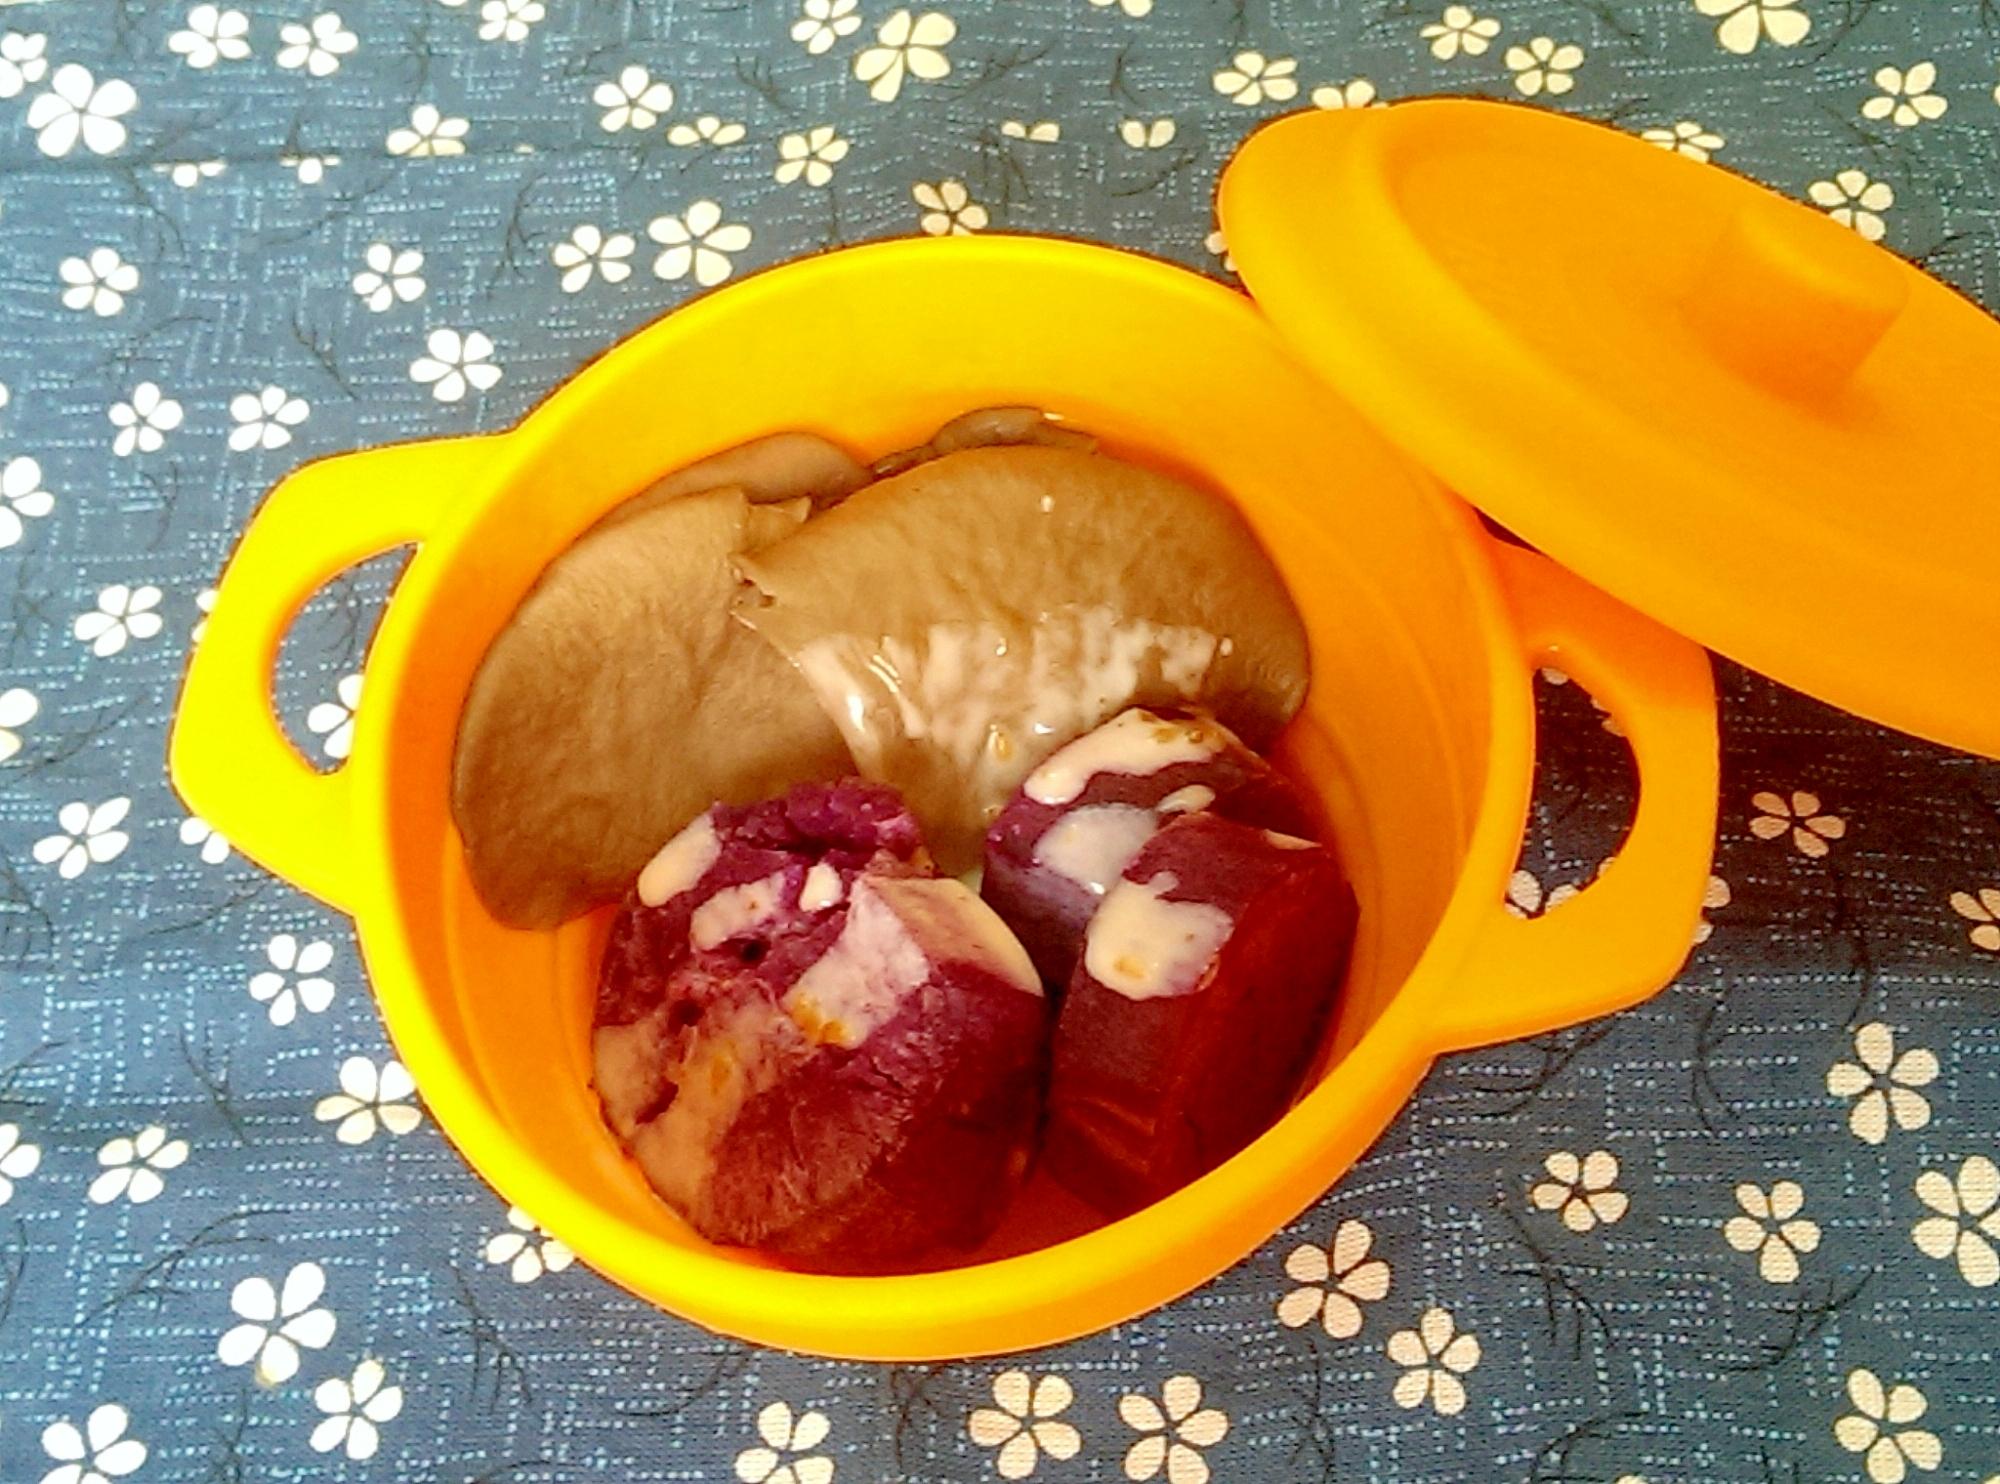 ひらたけと紫芋のホットサラダ